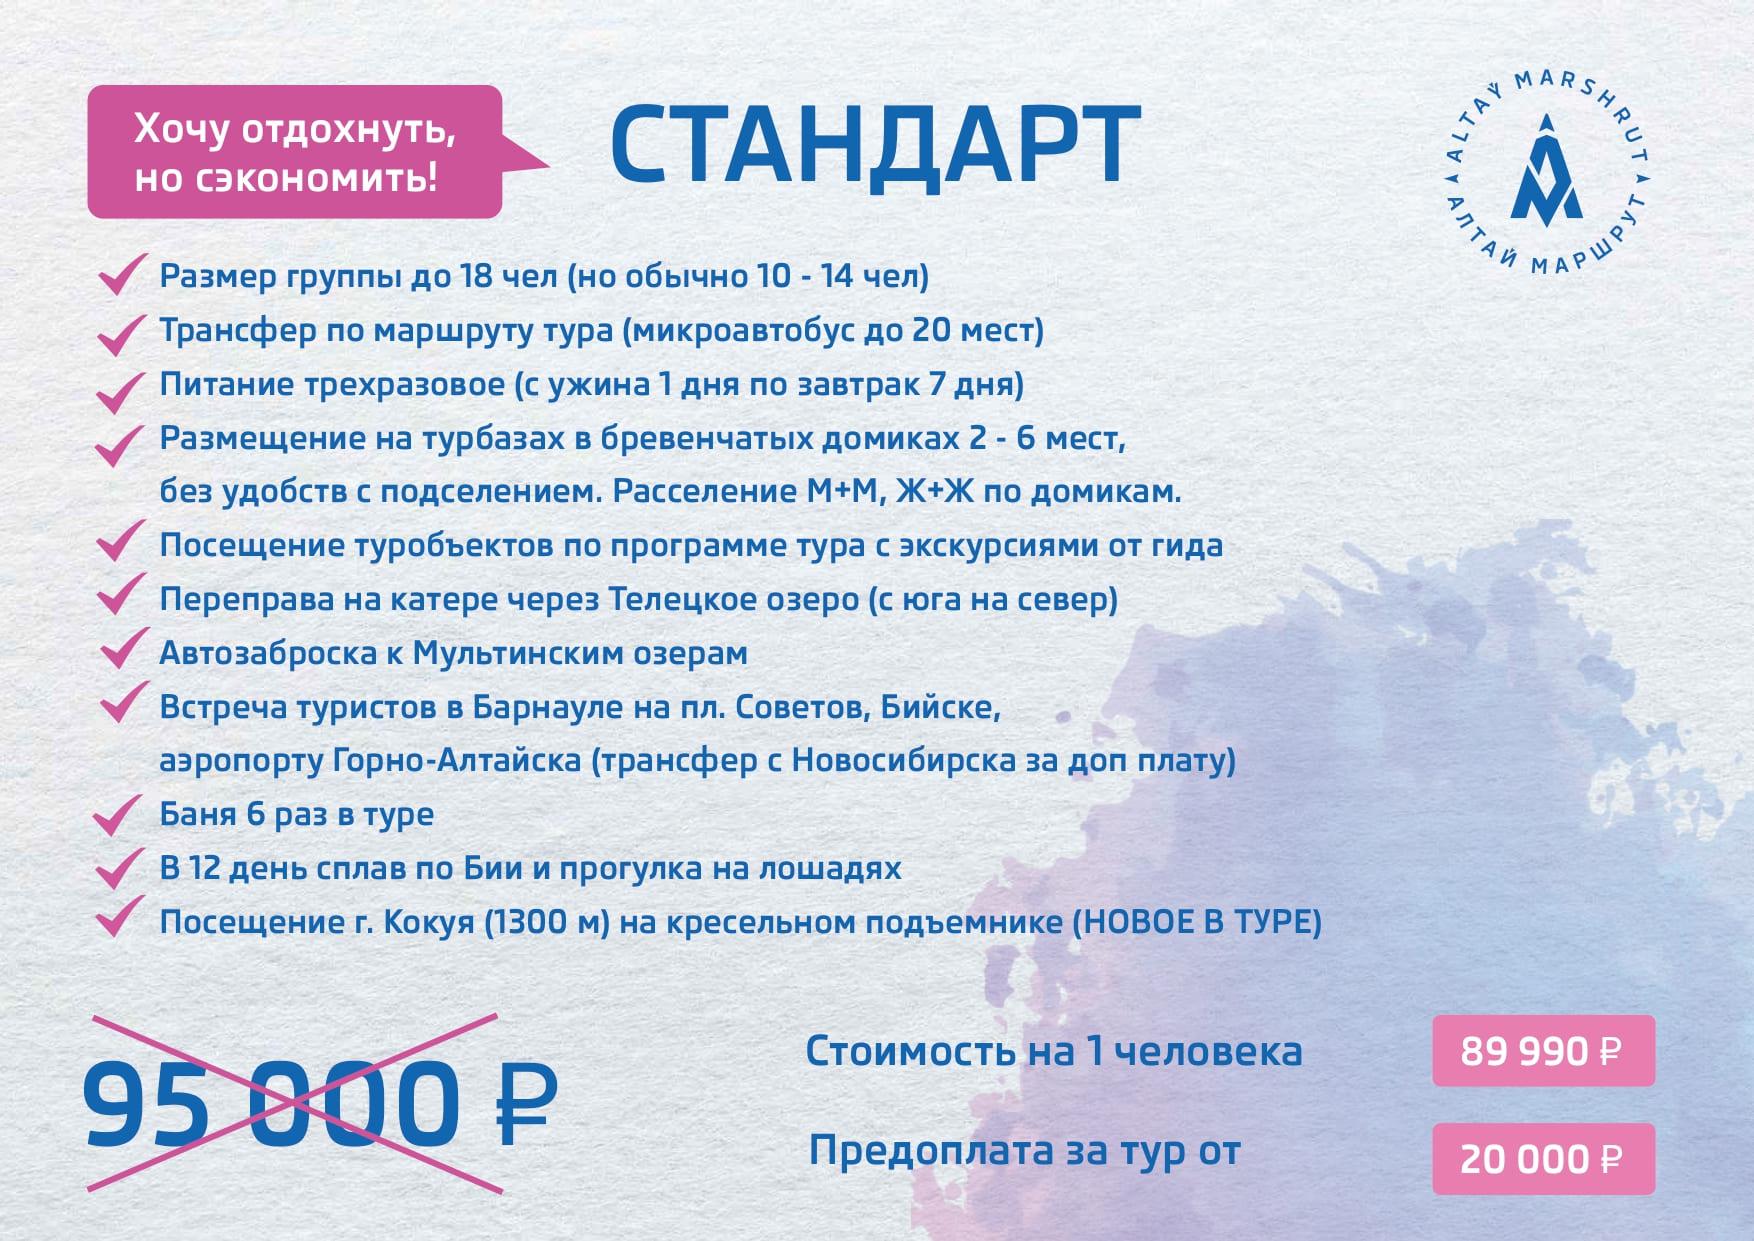 Весь Алтай 13 д_compressed (3)_page-0031